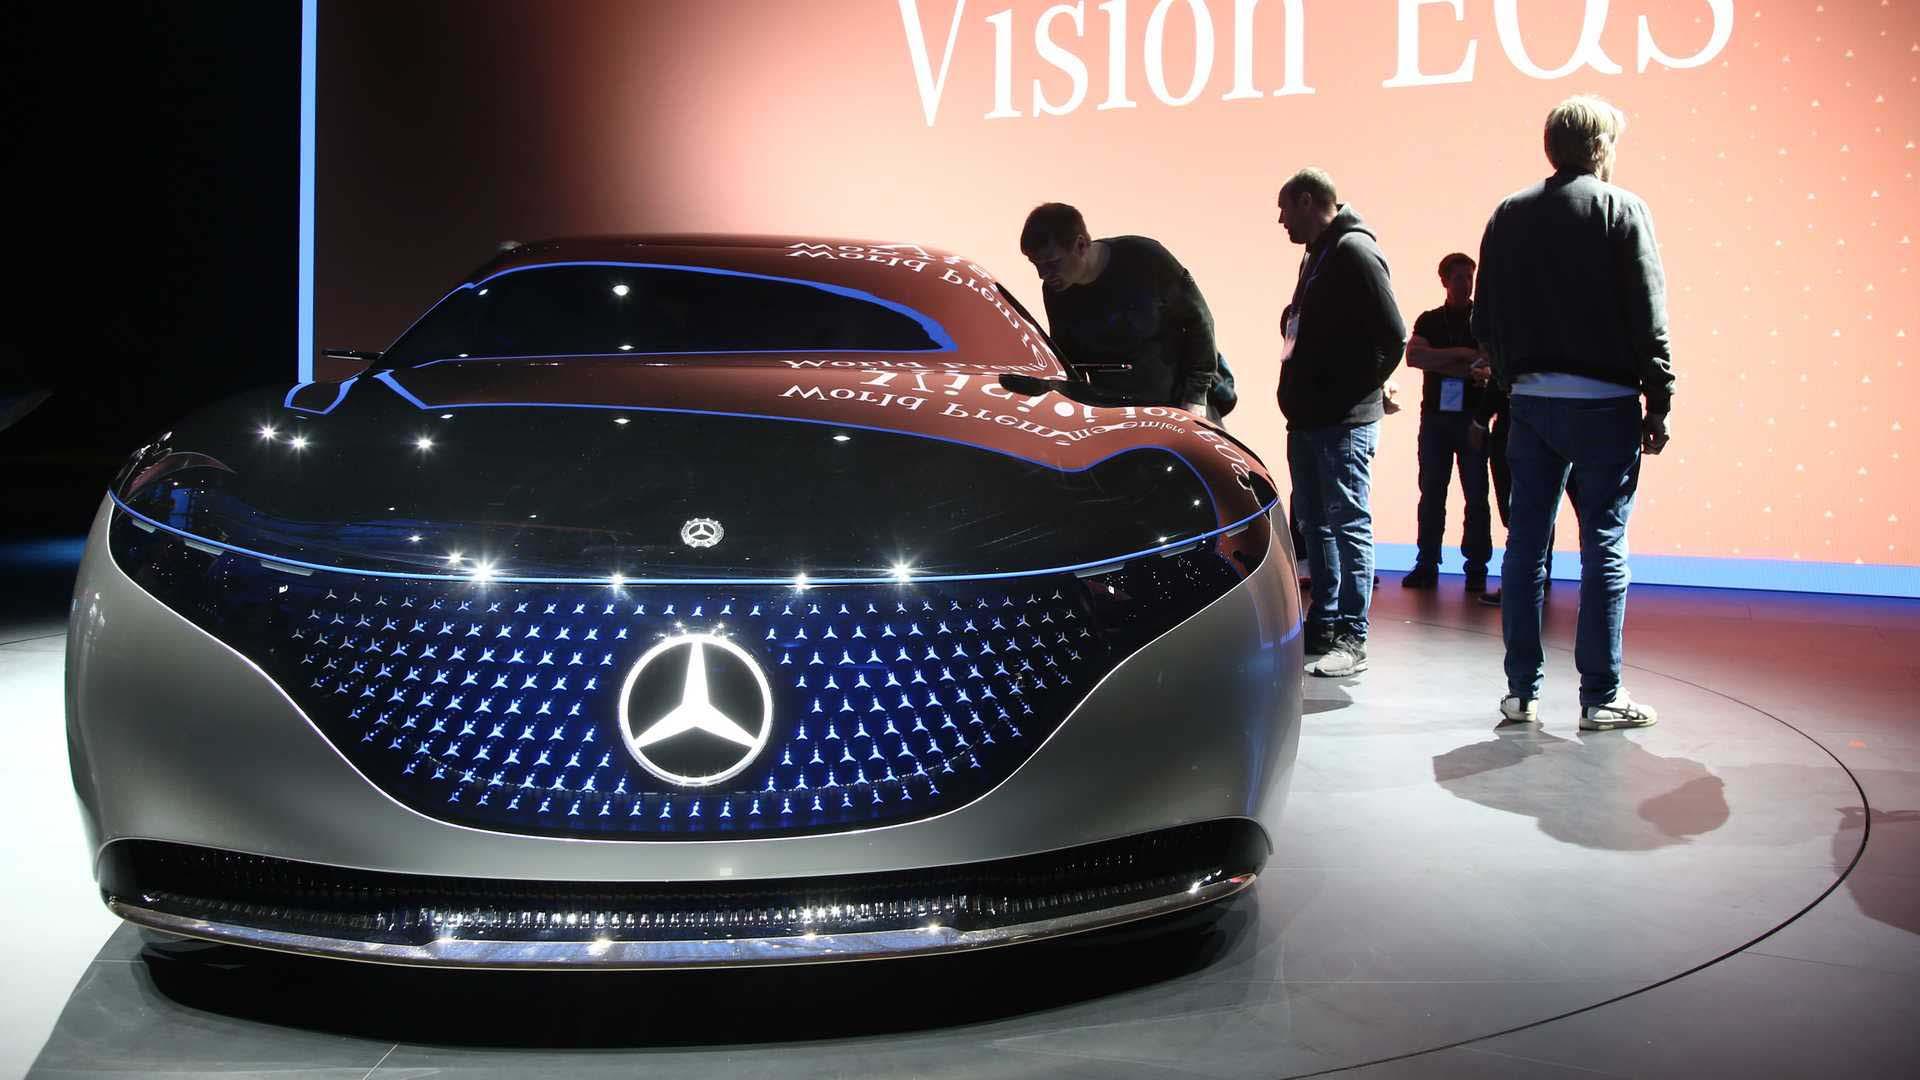 مرسدس بنز ، خودرویی از آینده-تعمیرگاه مونیخ سرویس